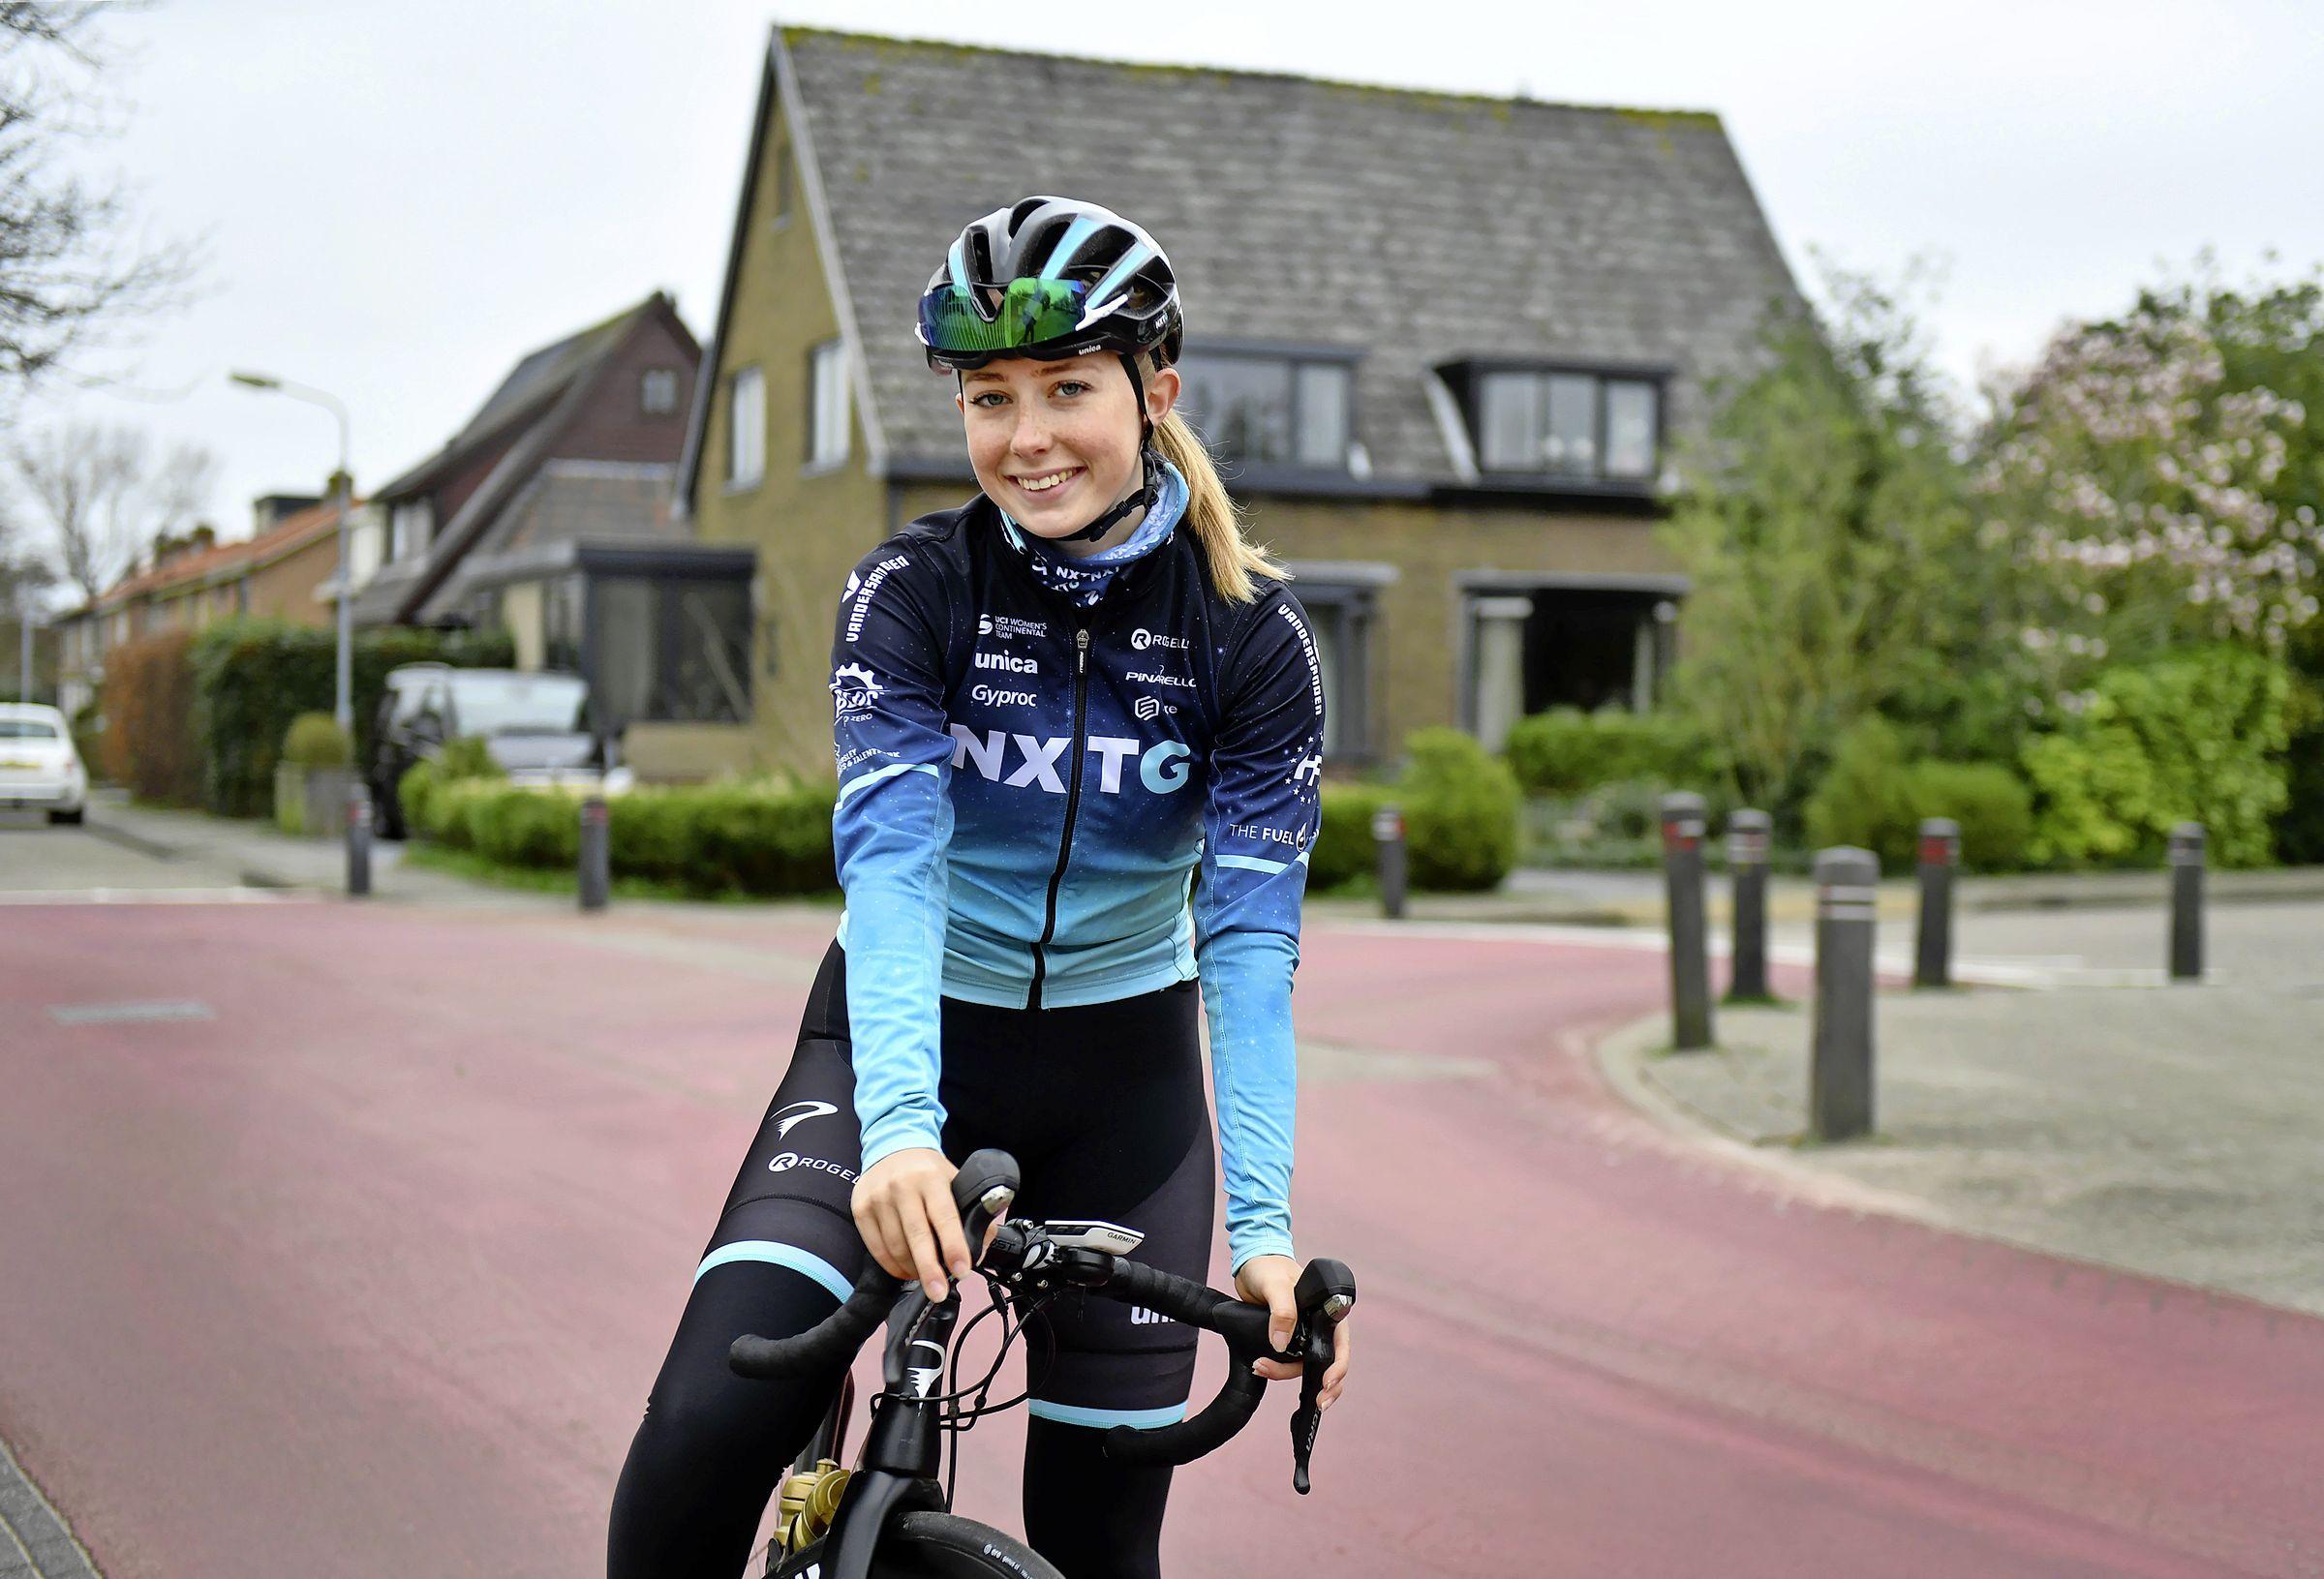 De 18-jarige Maud Rijnbeek moet meteen aan de bak tussen wereldtoppers als Amy Pieters, Ellen van Dijk en Lorena Wiebes. 'Uiteindelijk wil ik met het wielrennen ook mijn geld verdienen'